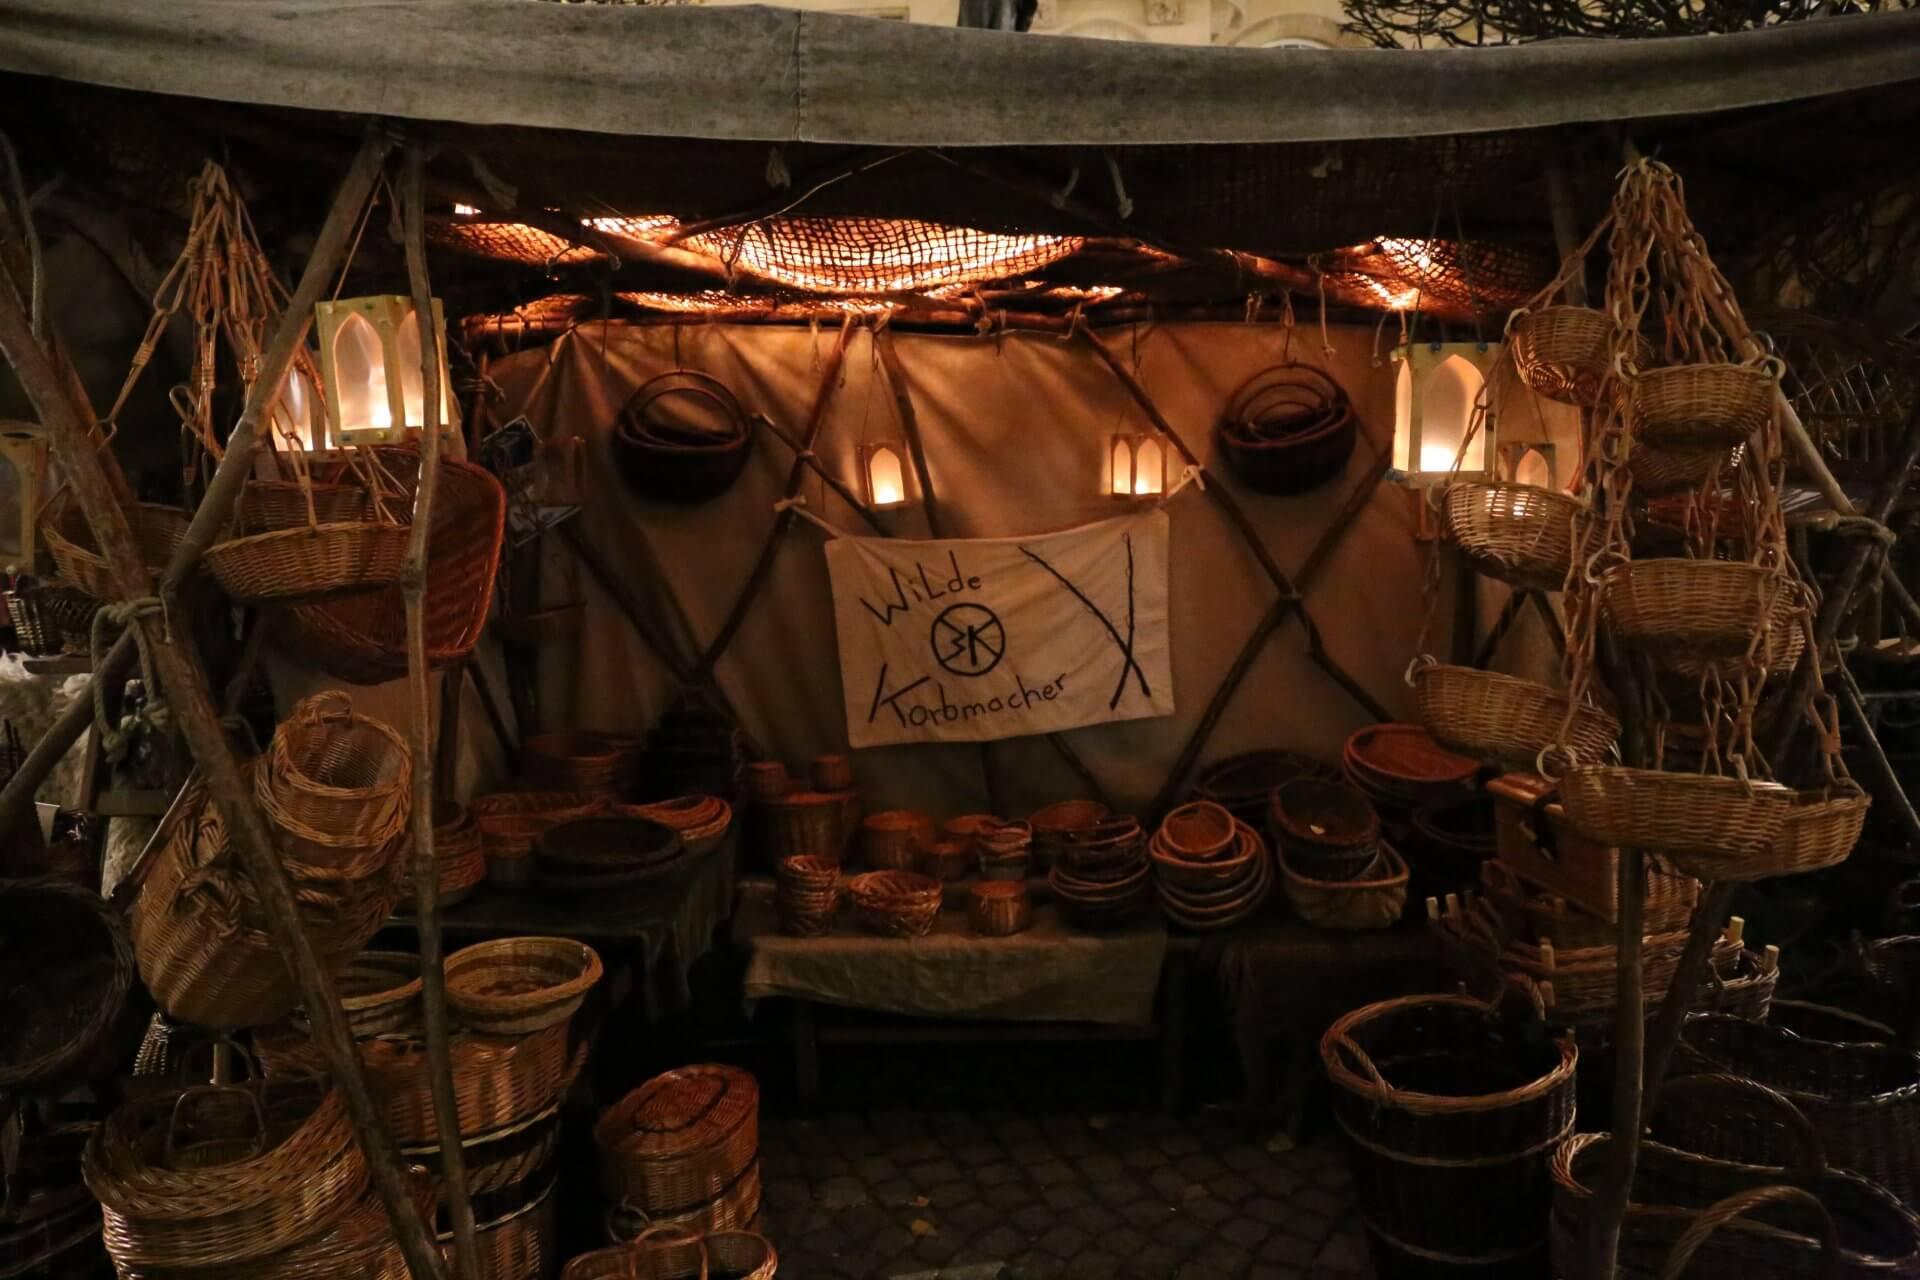 Korbmacher auf dem Mittelalter-Weihnachtsmarkt zu Leipzig